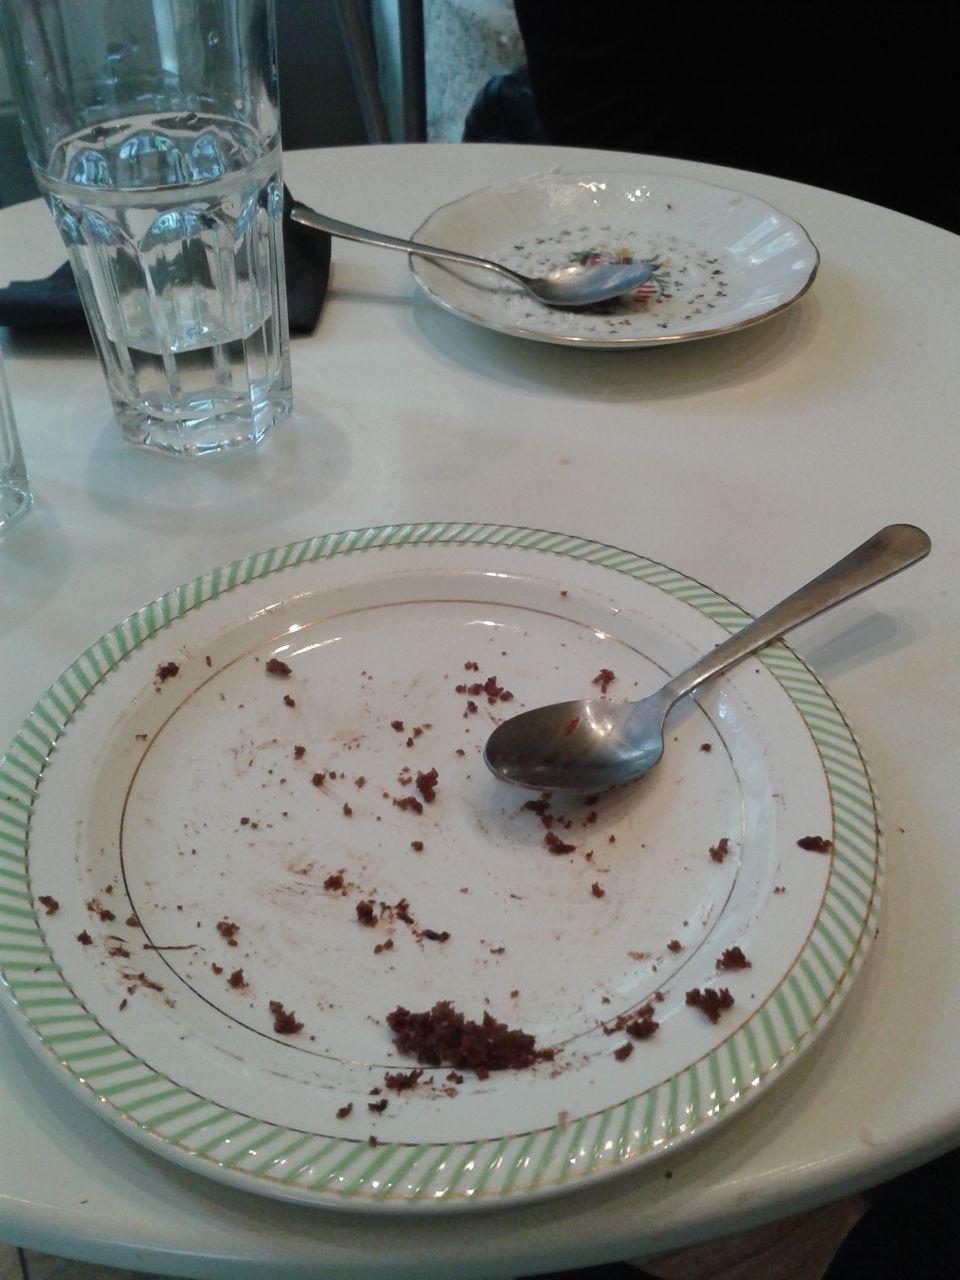 helmutnewcake-nogluten-assiette